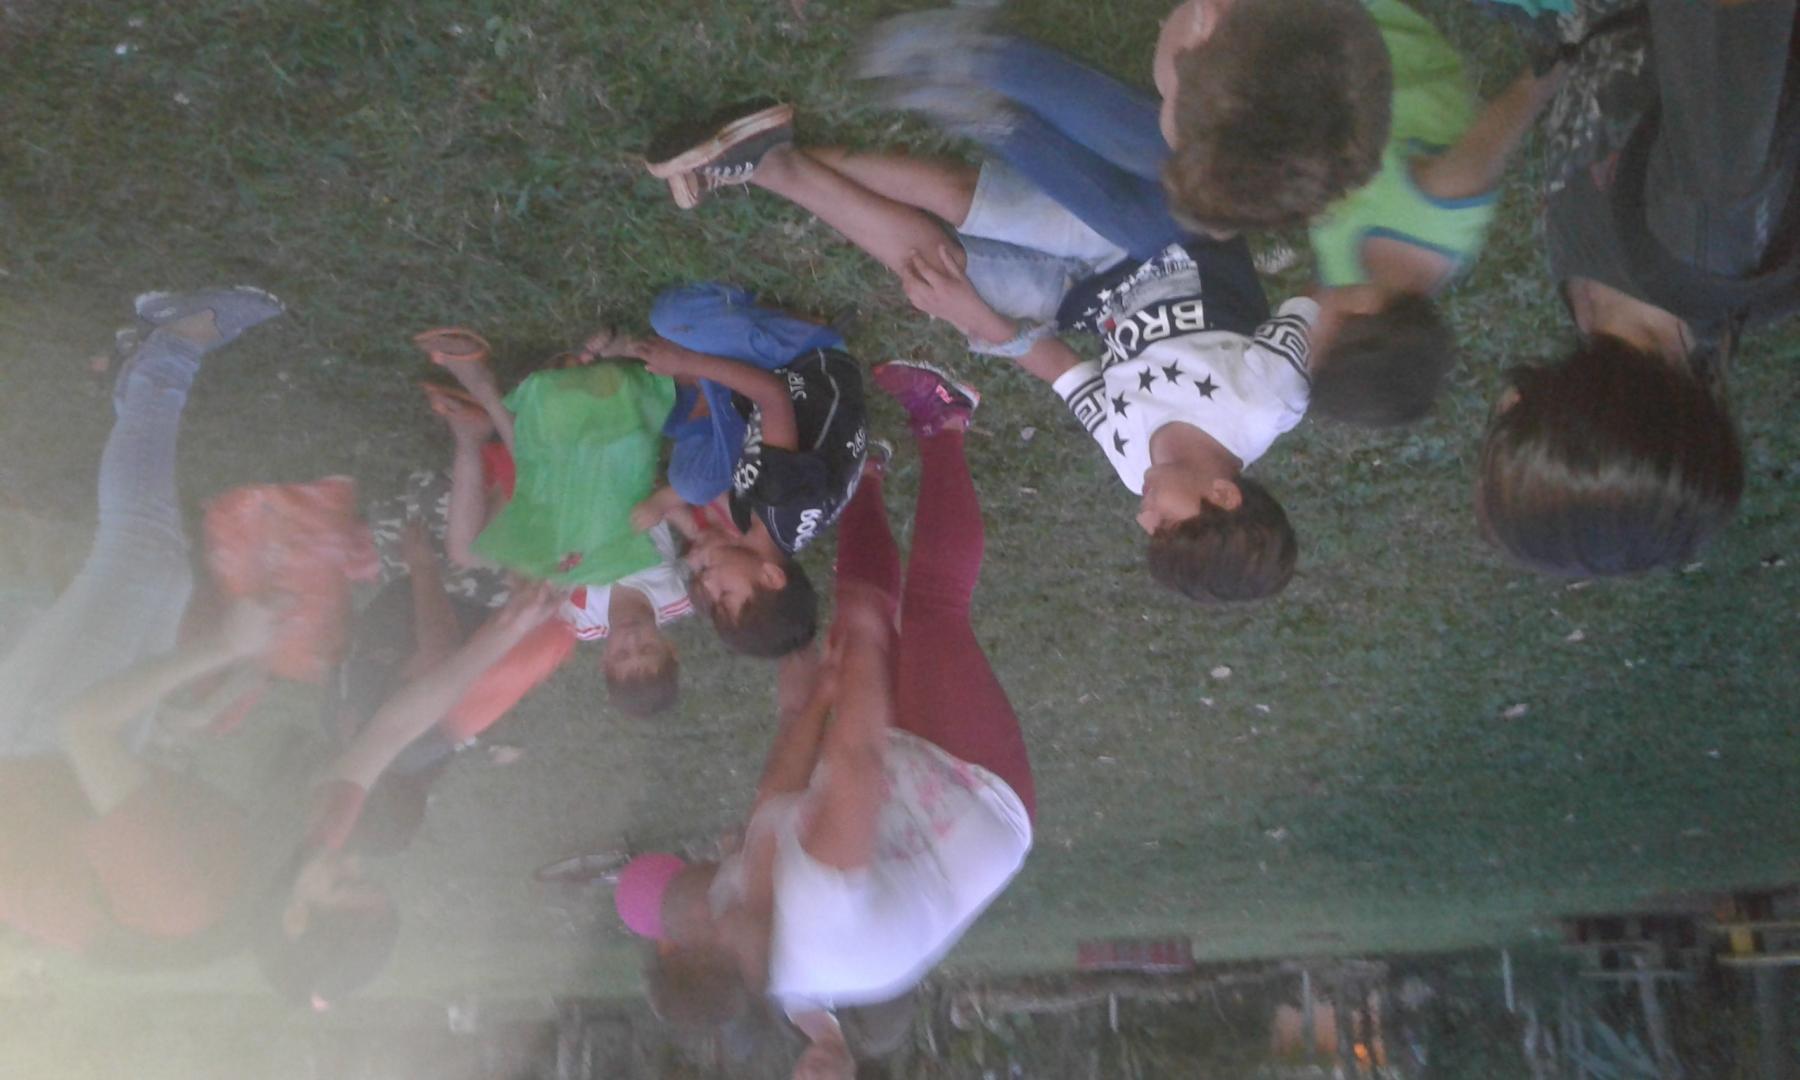 celebrando-la-niez-y-la-juventud_37310990440_o